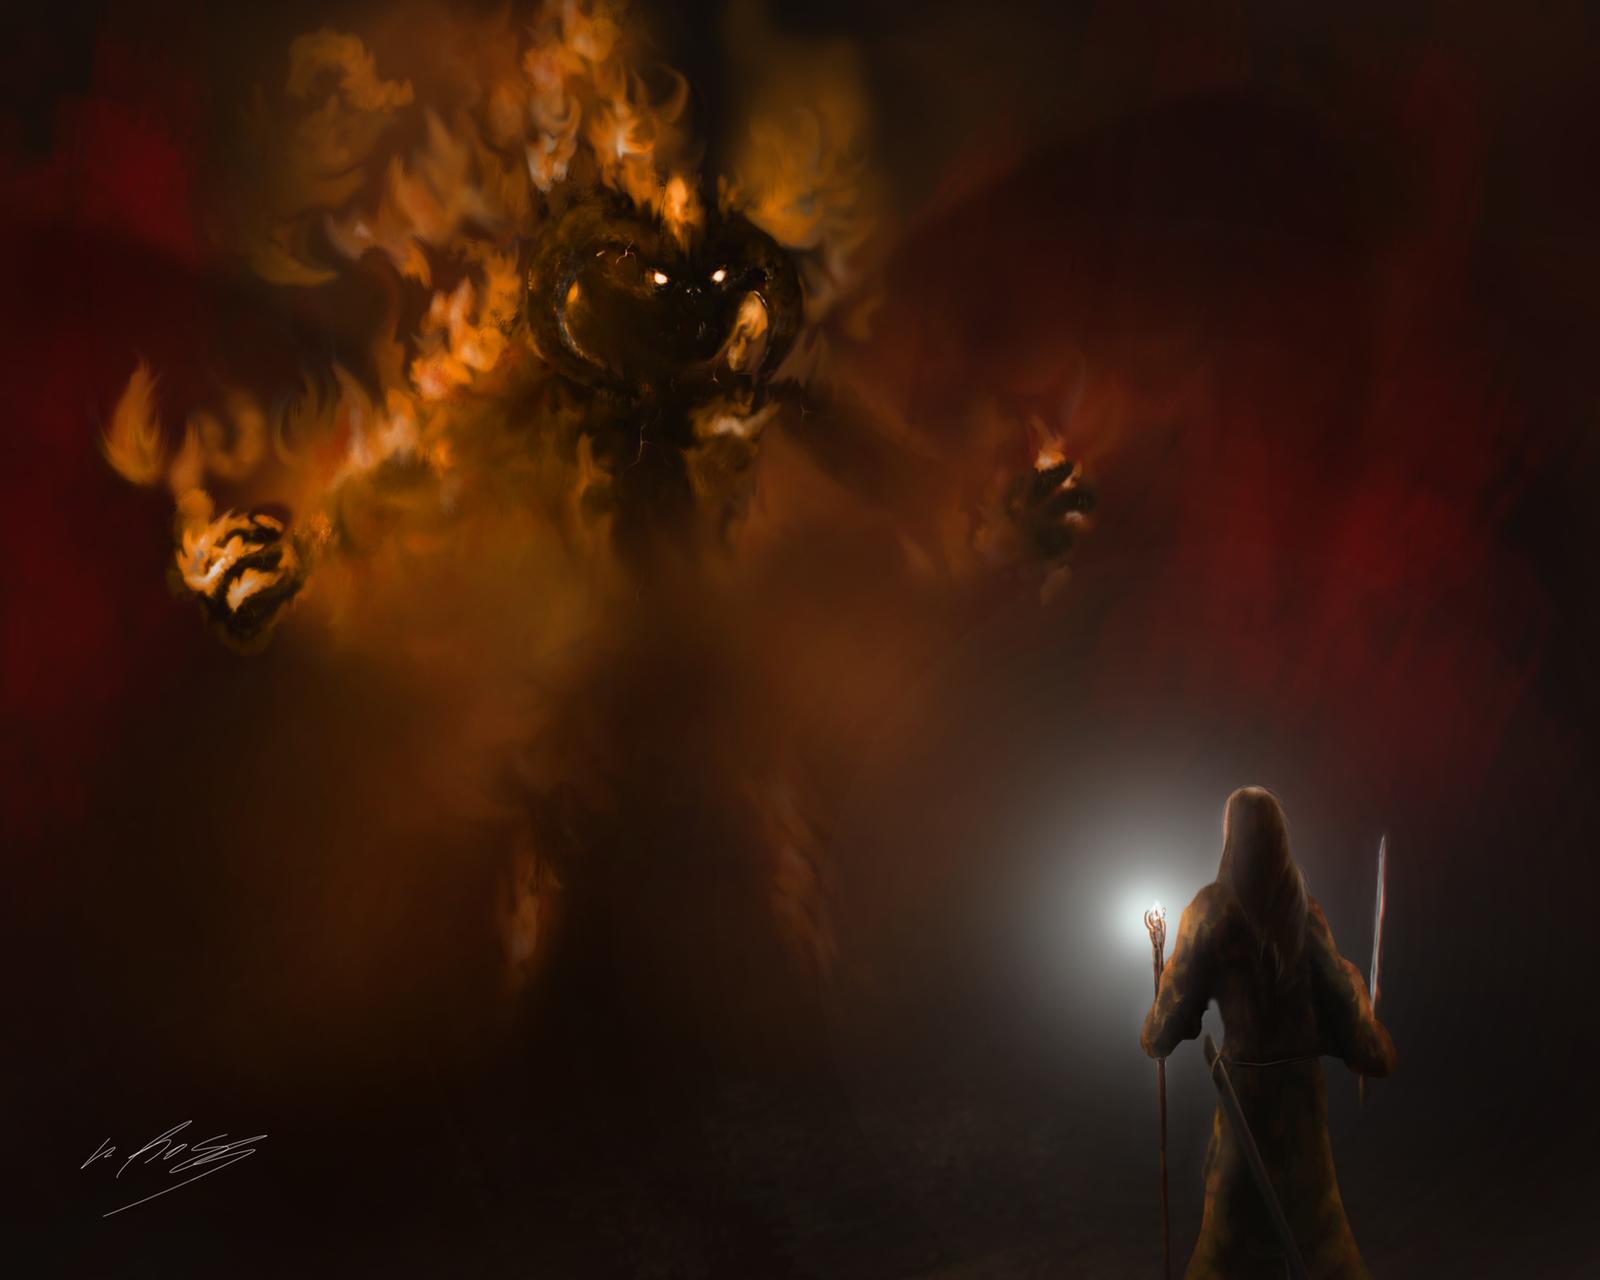 Gandalf Vs Balrog By Gackt En Ciel On DeviantArt